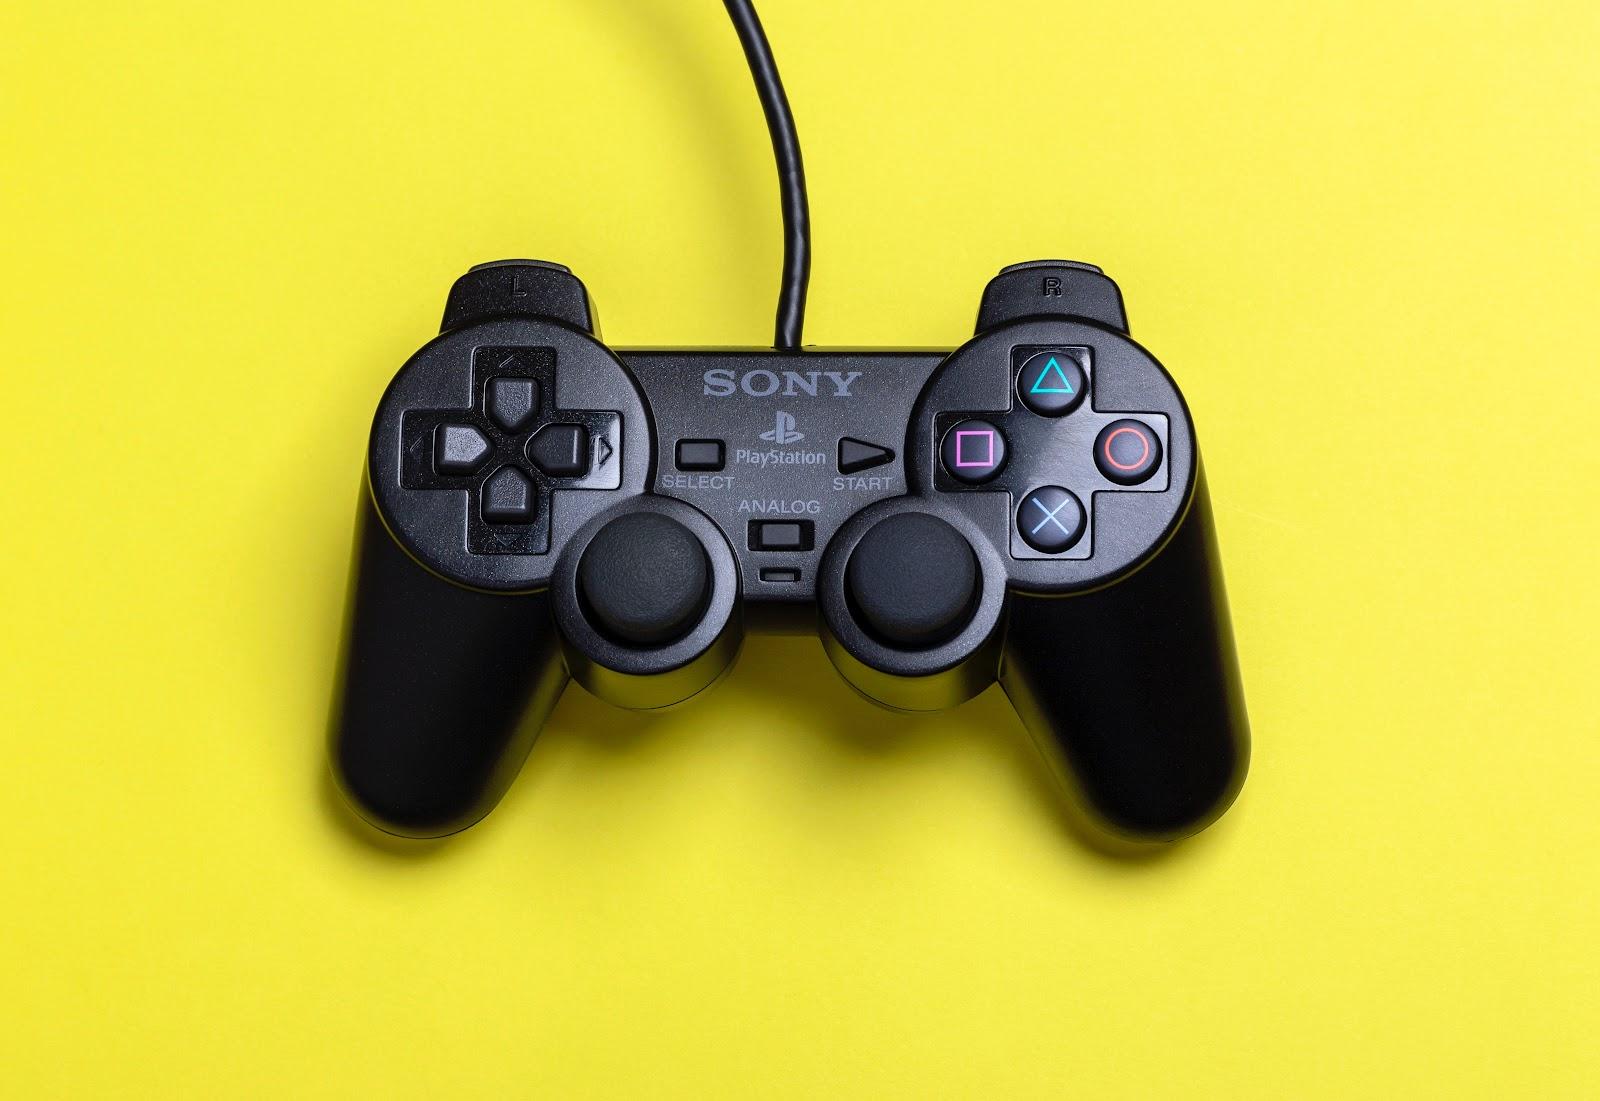 A PS3 controller